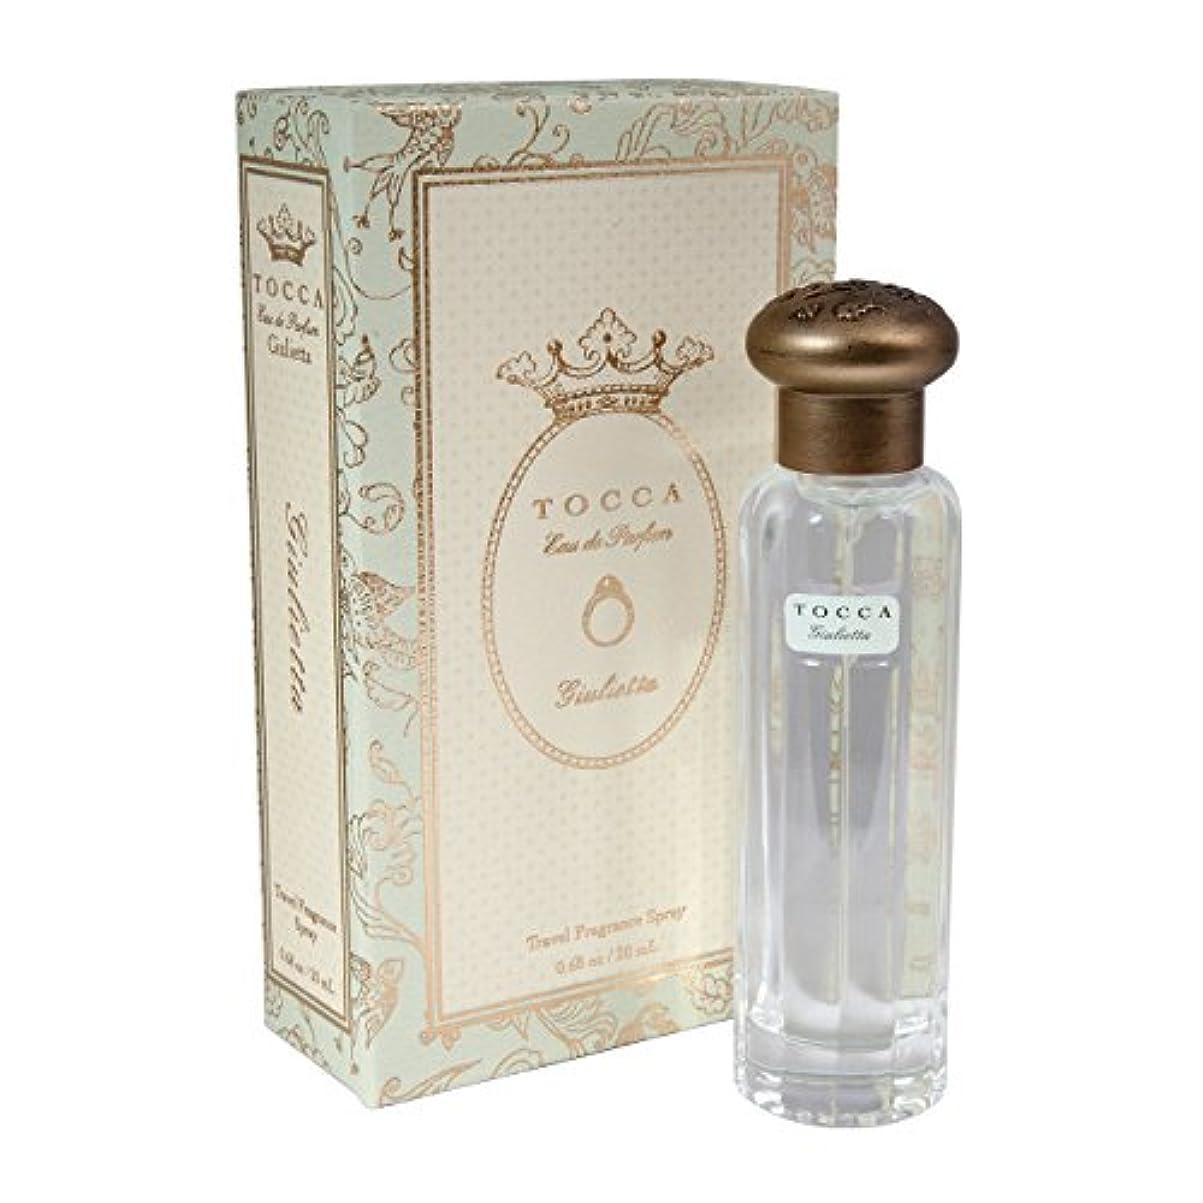 トッカ(TOCCA)  トラベルフレグランススプレー ジュリエッタの香り 20ml(香水 オードパルファム 映画監督と女優である妻とのラブストーリーを描く、グリーンアップルとチューリップの甘く優美な香り)